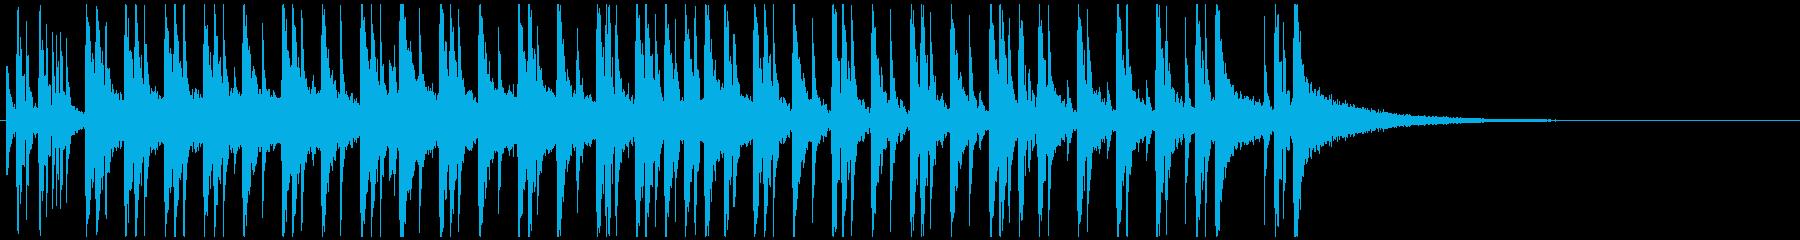 ドラムジングル ロックでパワフルな疾走感の再生済みの波形